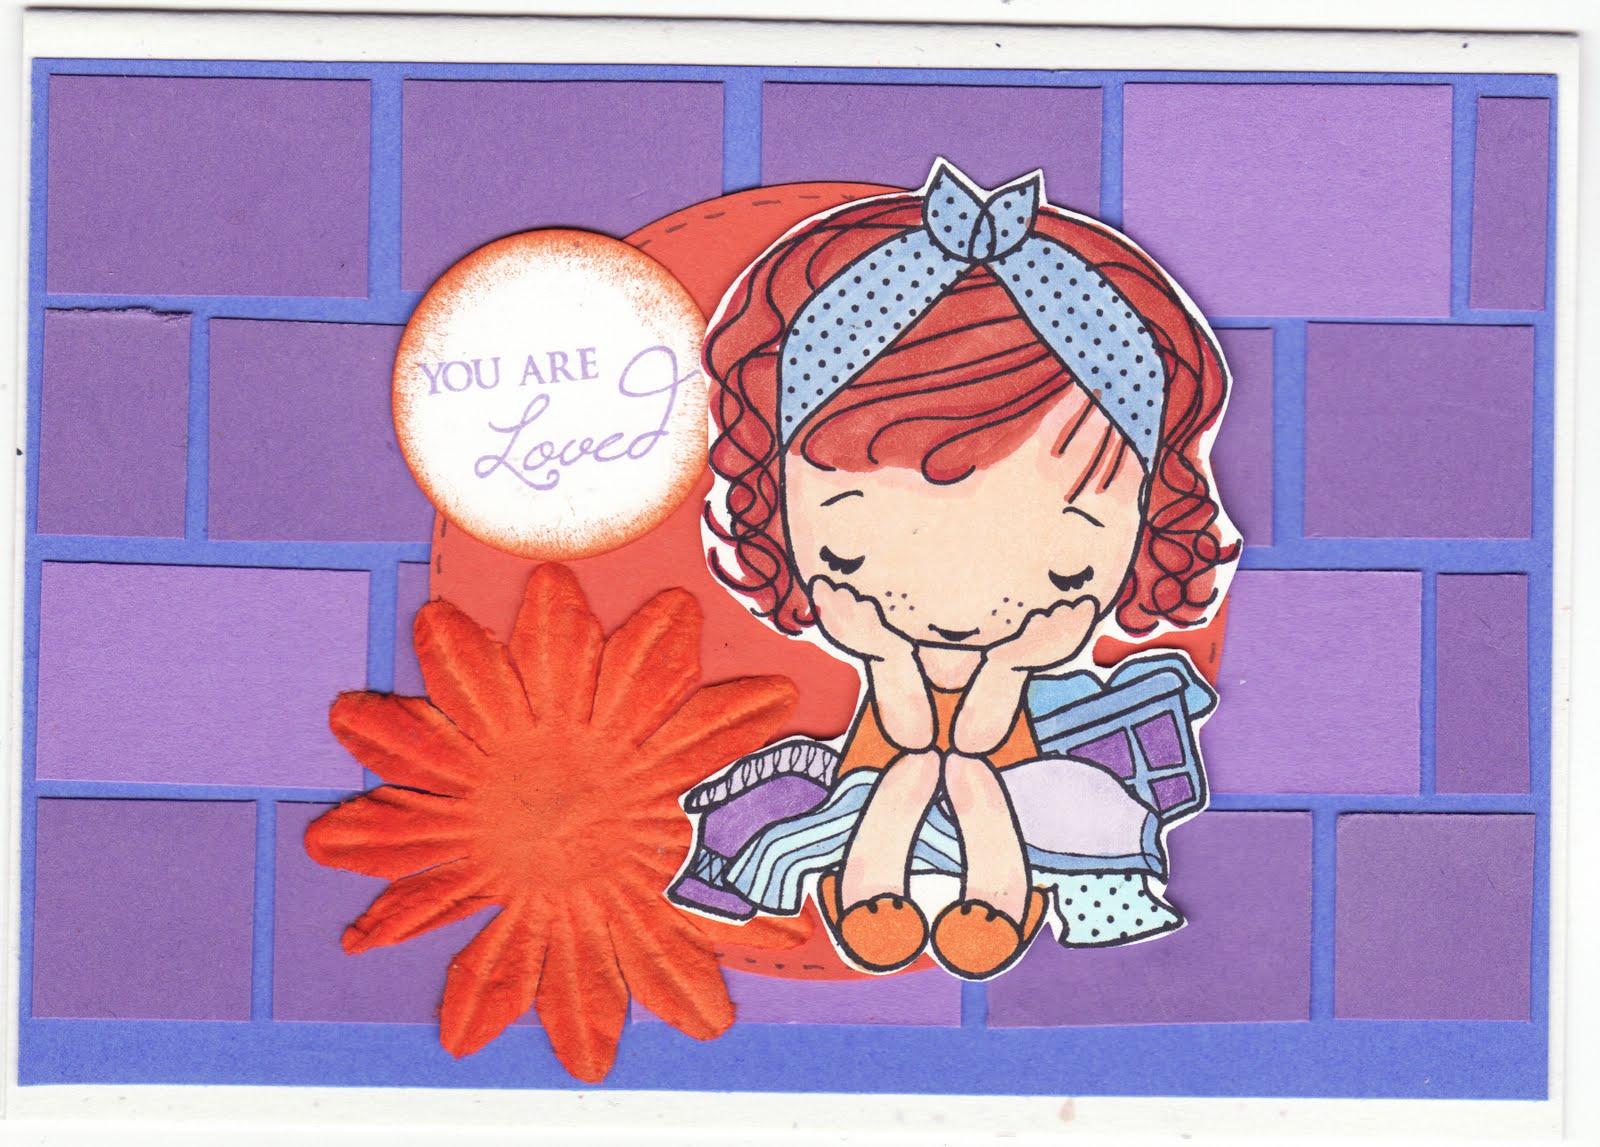 http://4.bp.blogspot.com/_MZ9yeXVHjTM/TRB5uLVlhTI/AAAAAAAAAf8/ztJLCd0zO8g/s1600/sfw22.jpg